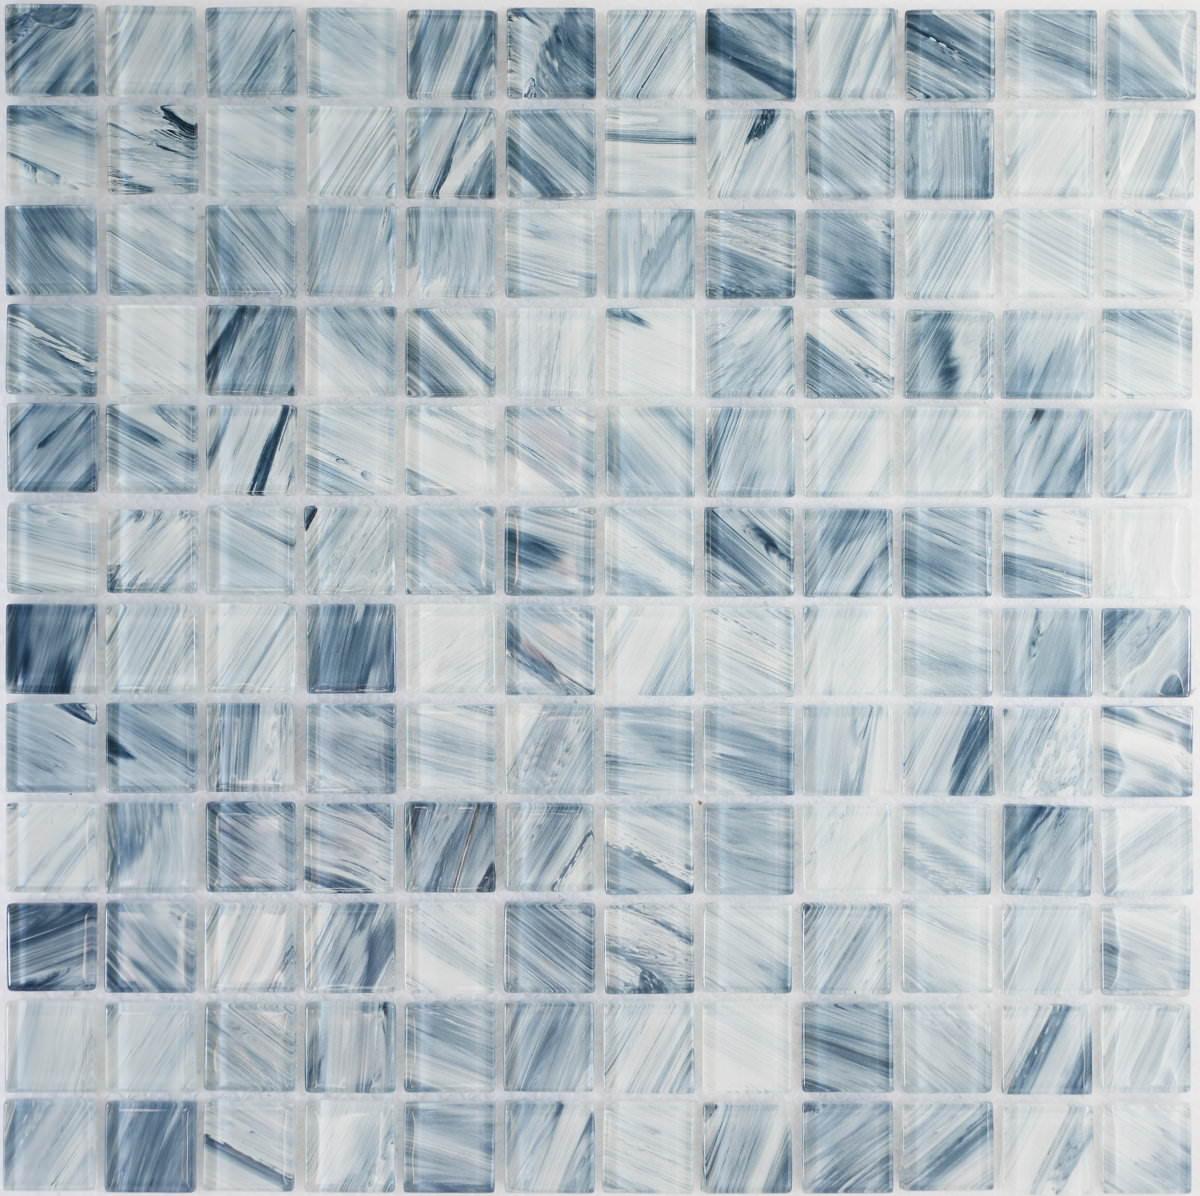 ●モザイク ガラスタイル ブルーストライプ30センチ角 11枚=1平米 シート 裏ネット貼 1ピース23x23x4mm144個送料サービス品(但し沖縄別)